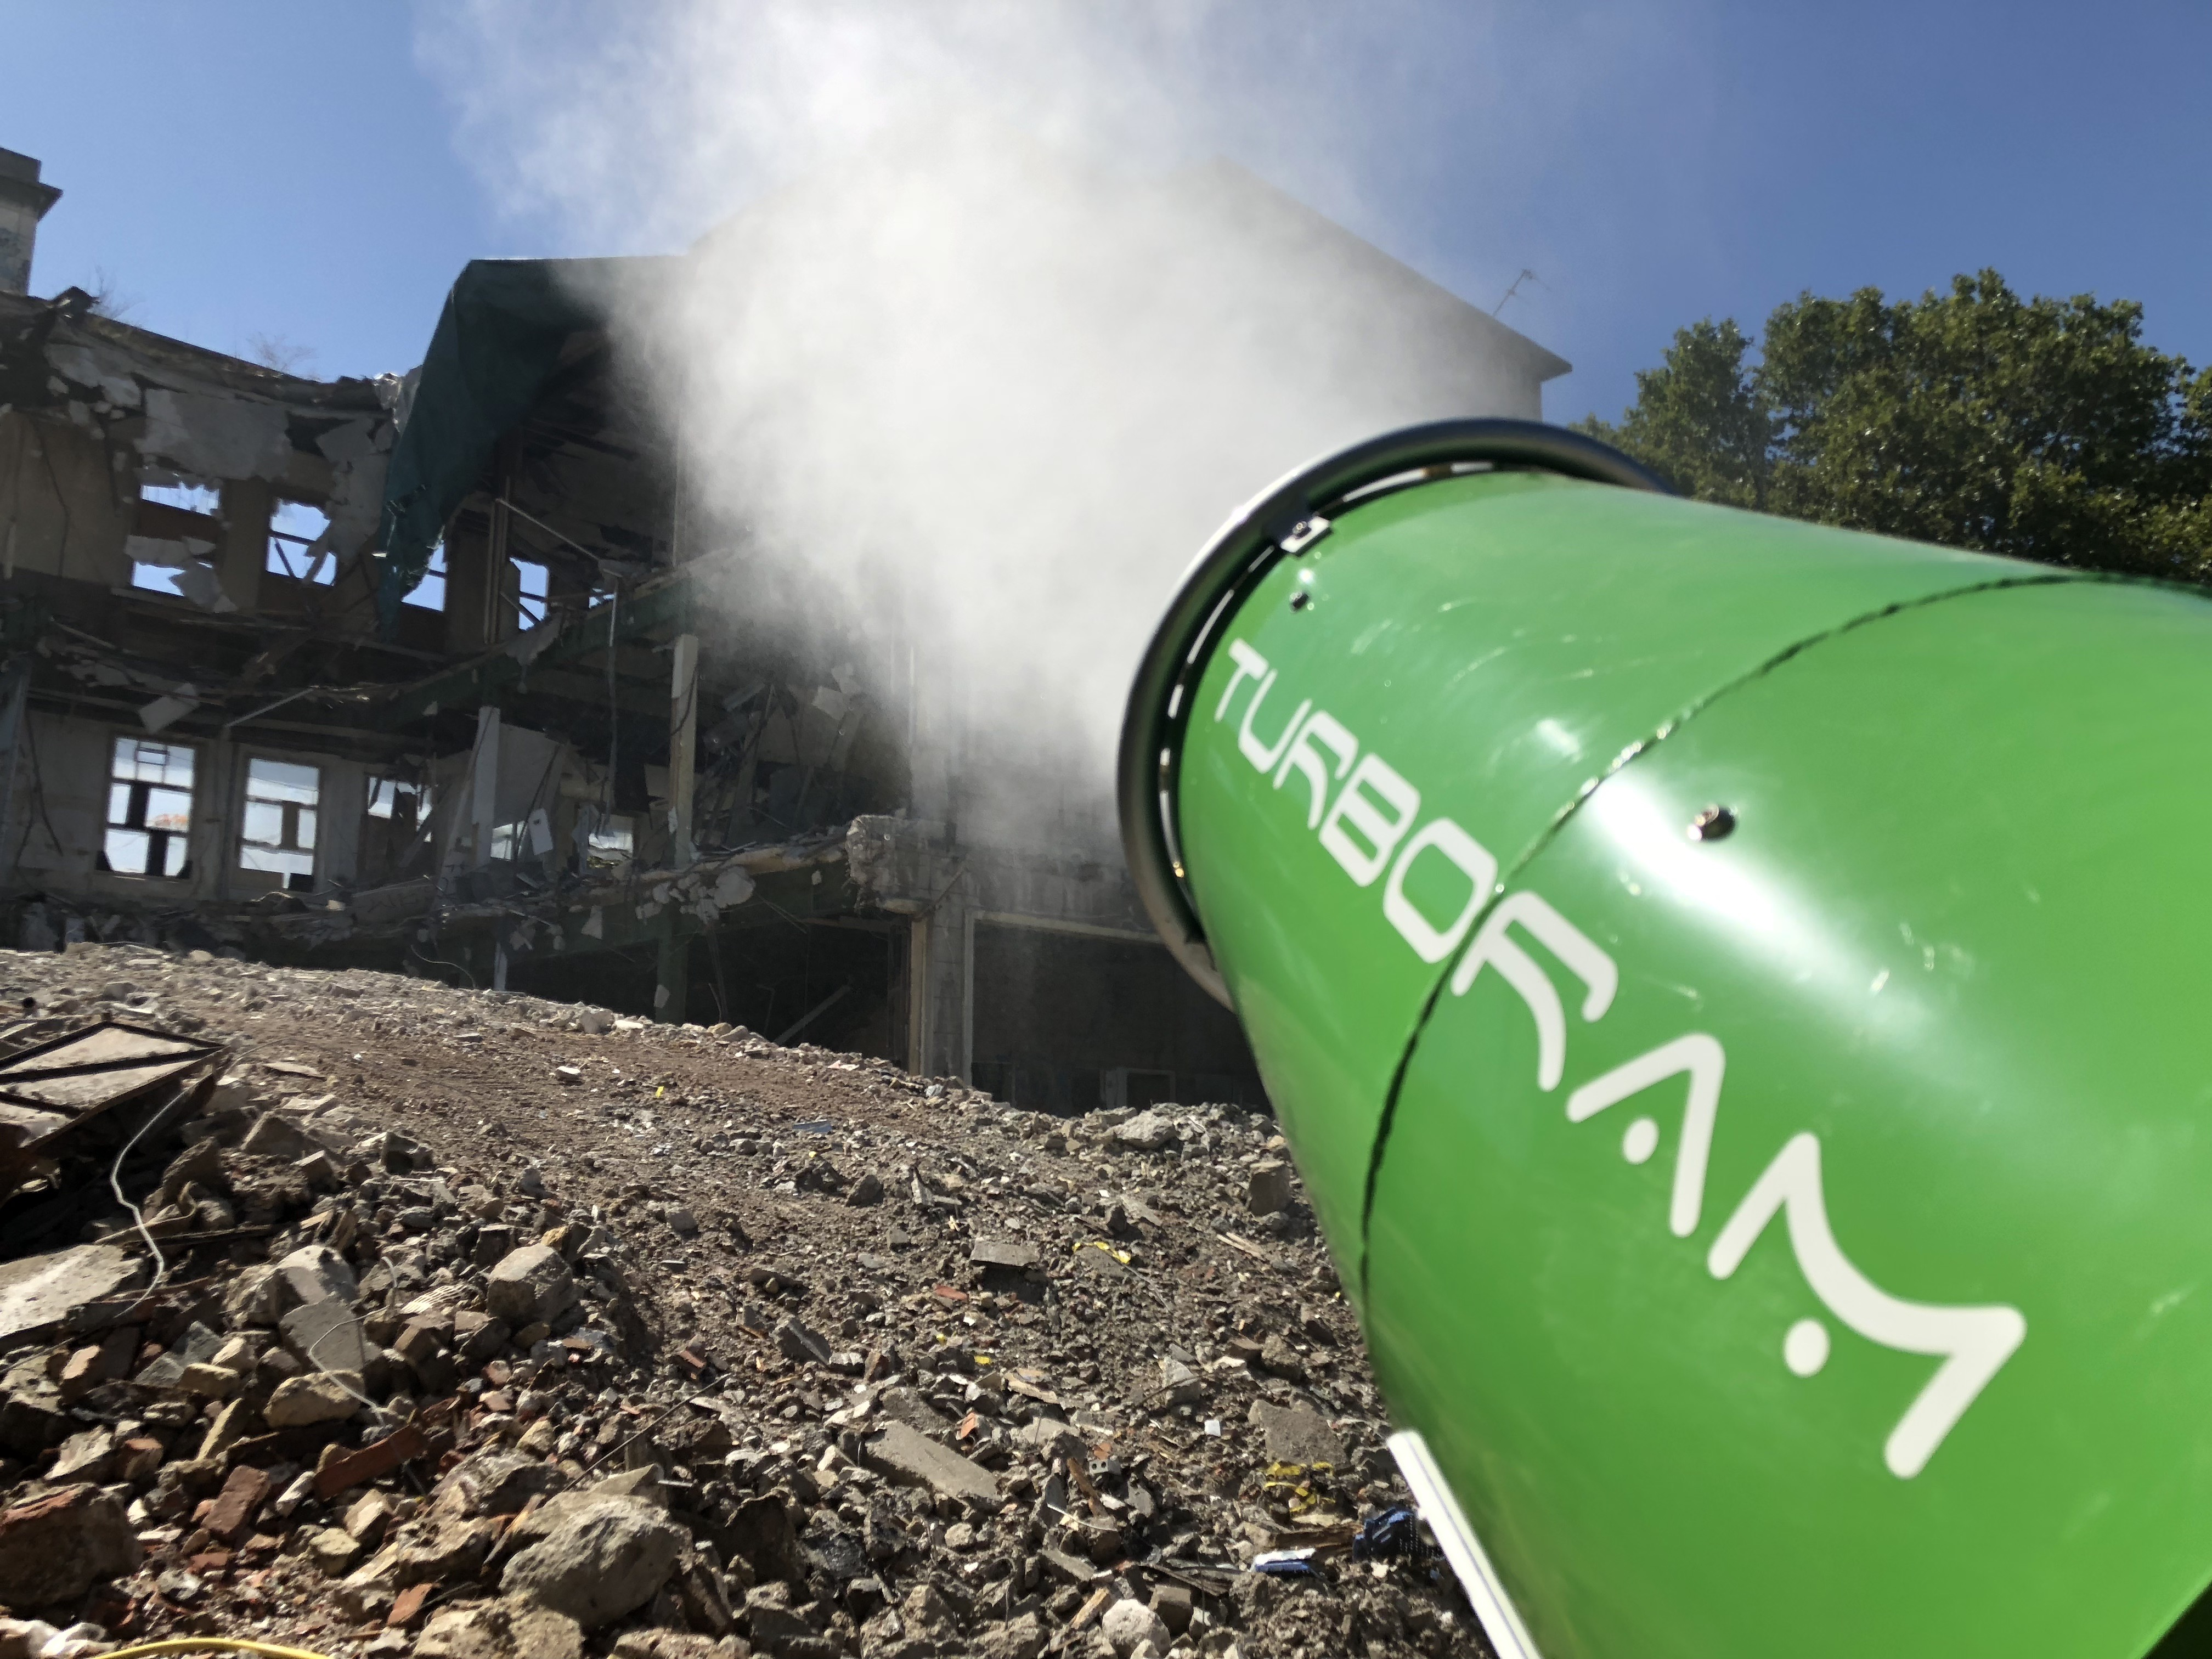 Le TURBORAM TRD40 est un brumisateur principalement destiné aux travaux de démolition, de dépollution, au BTP, et aux activités de recyclage. Mobile